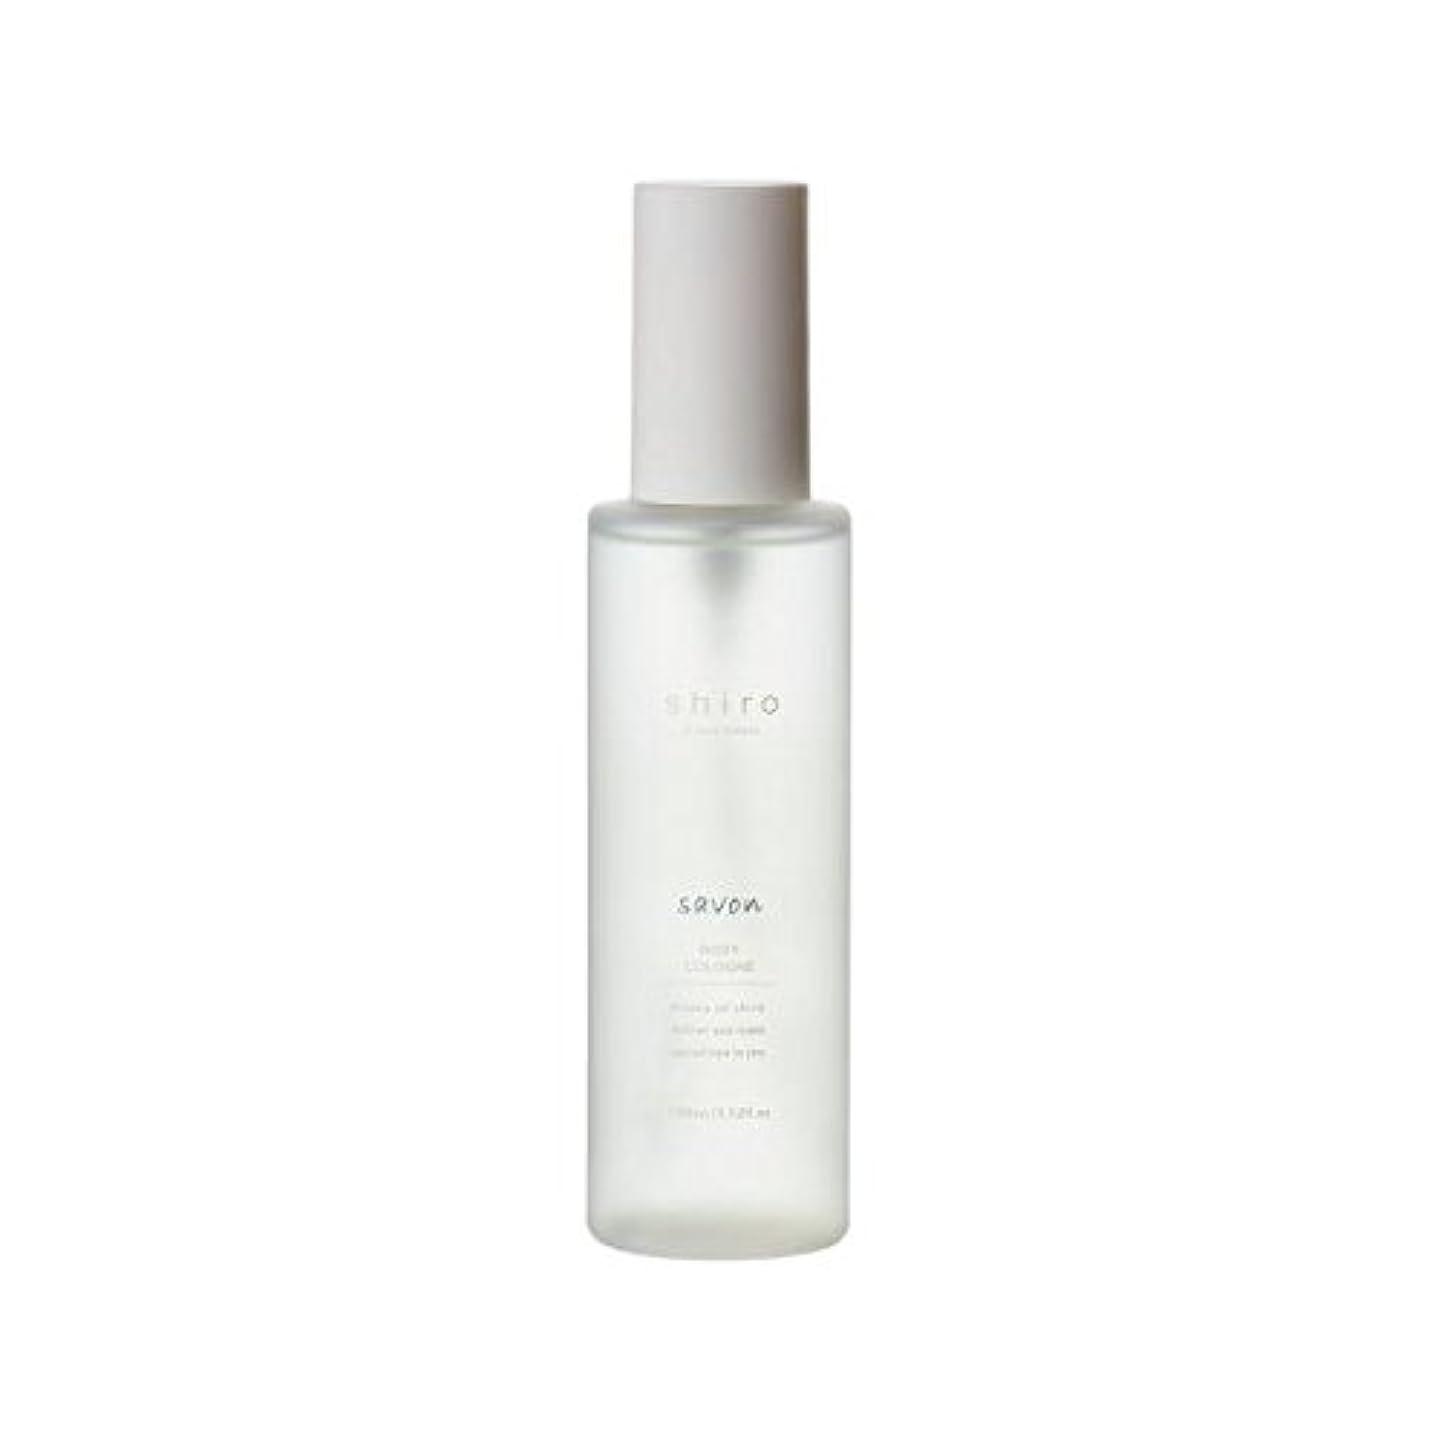 朝の体操をする栄光気まぐれなshiro サボン ボディコロン 100ml 清潔で透明感のある自然な石けんの香り ミスト シロ